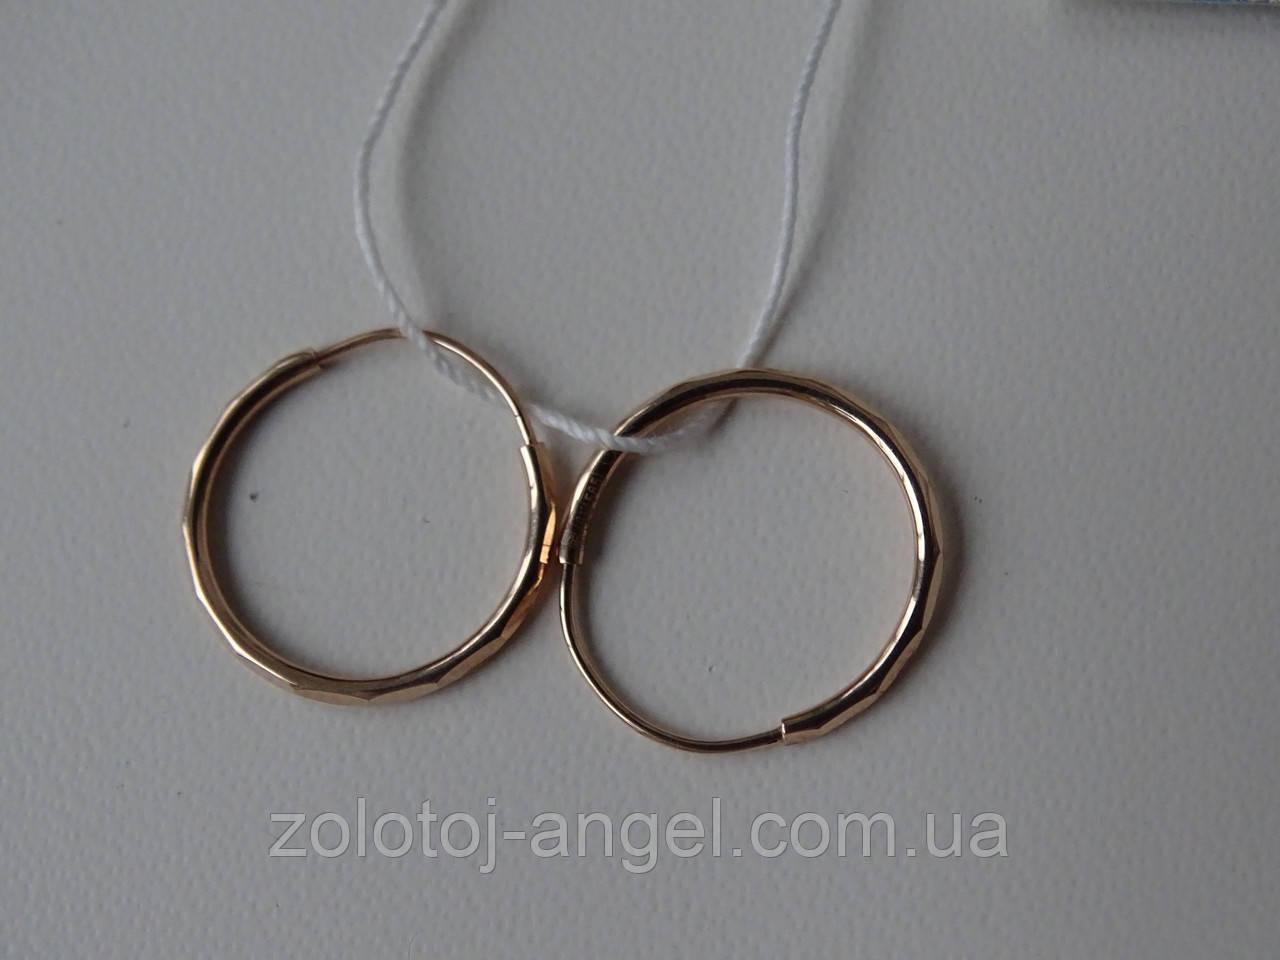 Золотые серьги-кольца (конго)